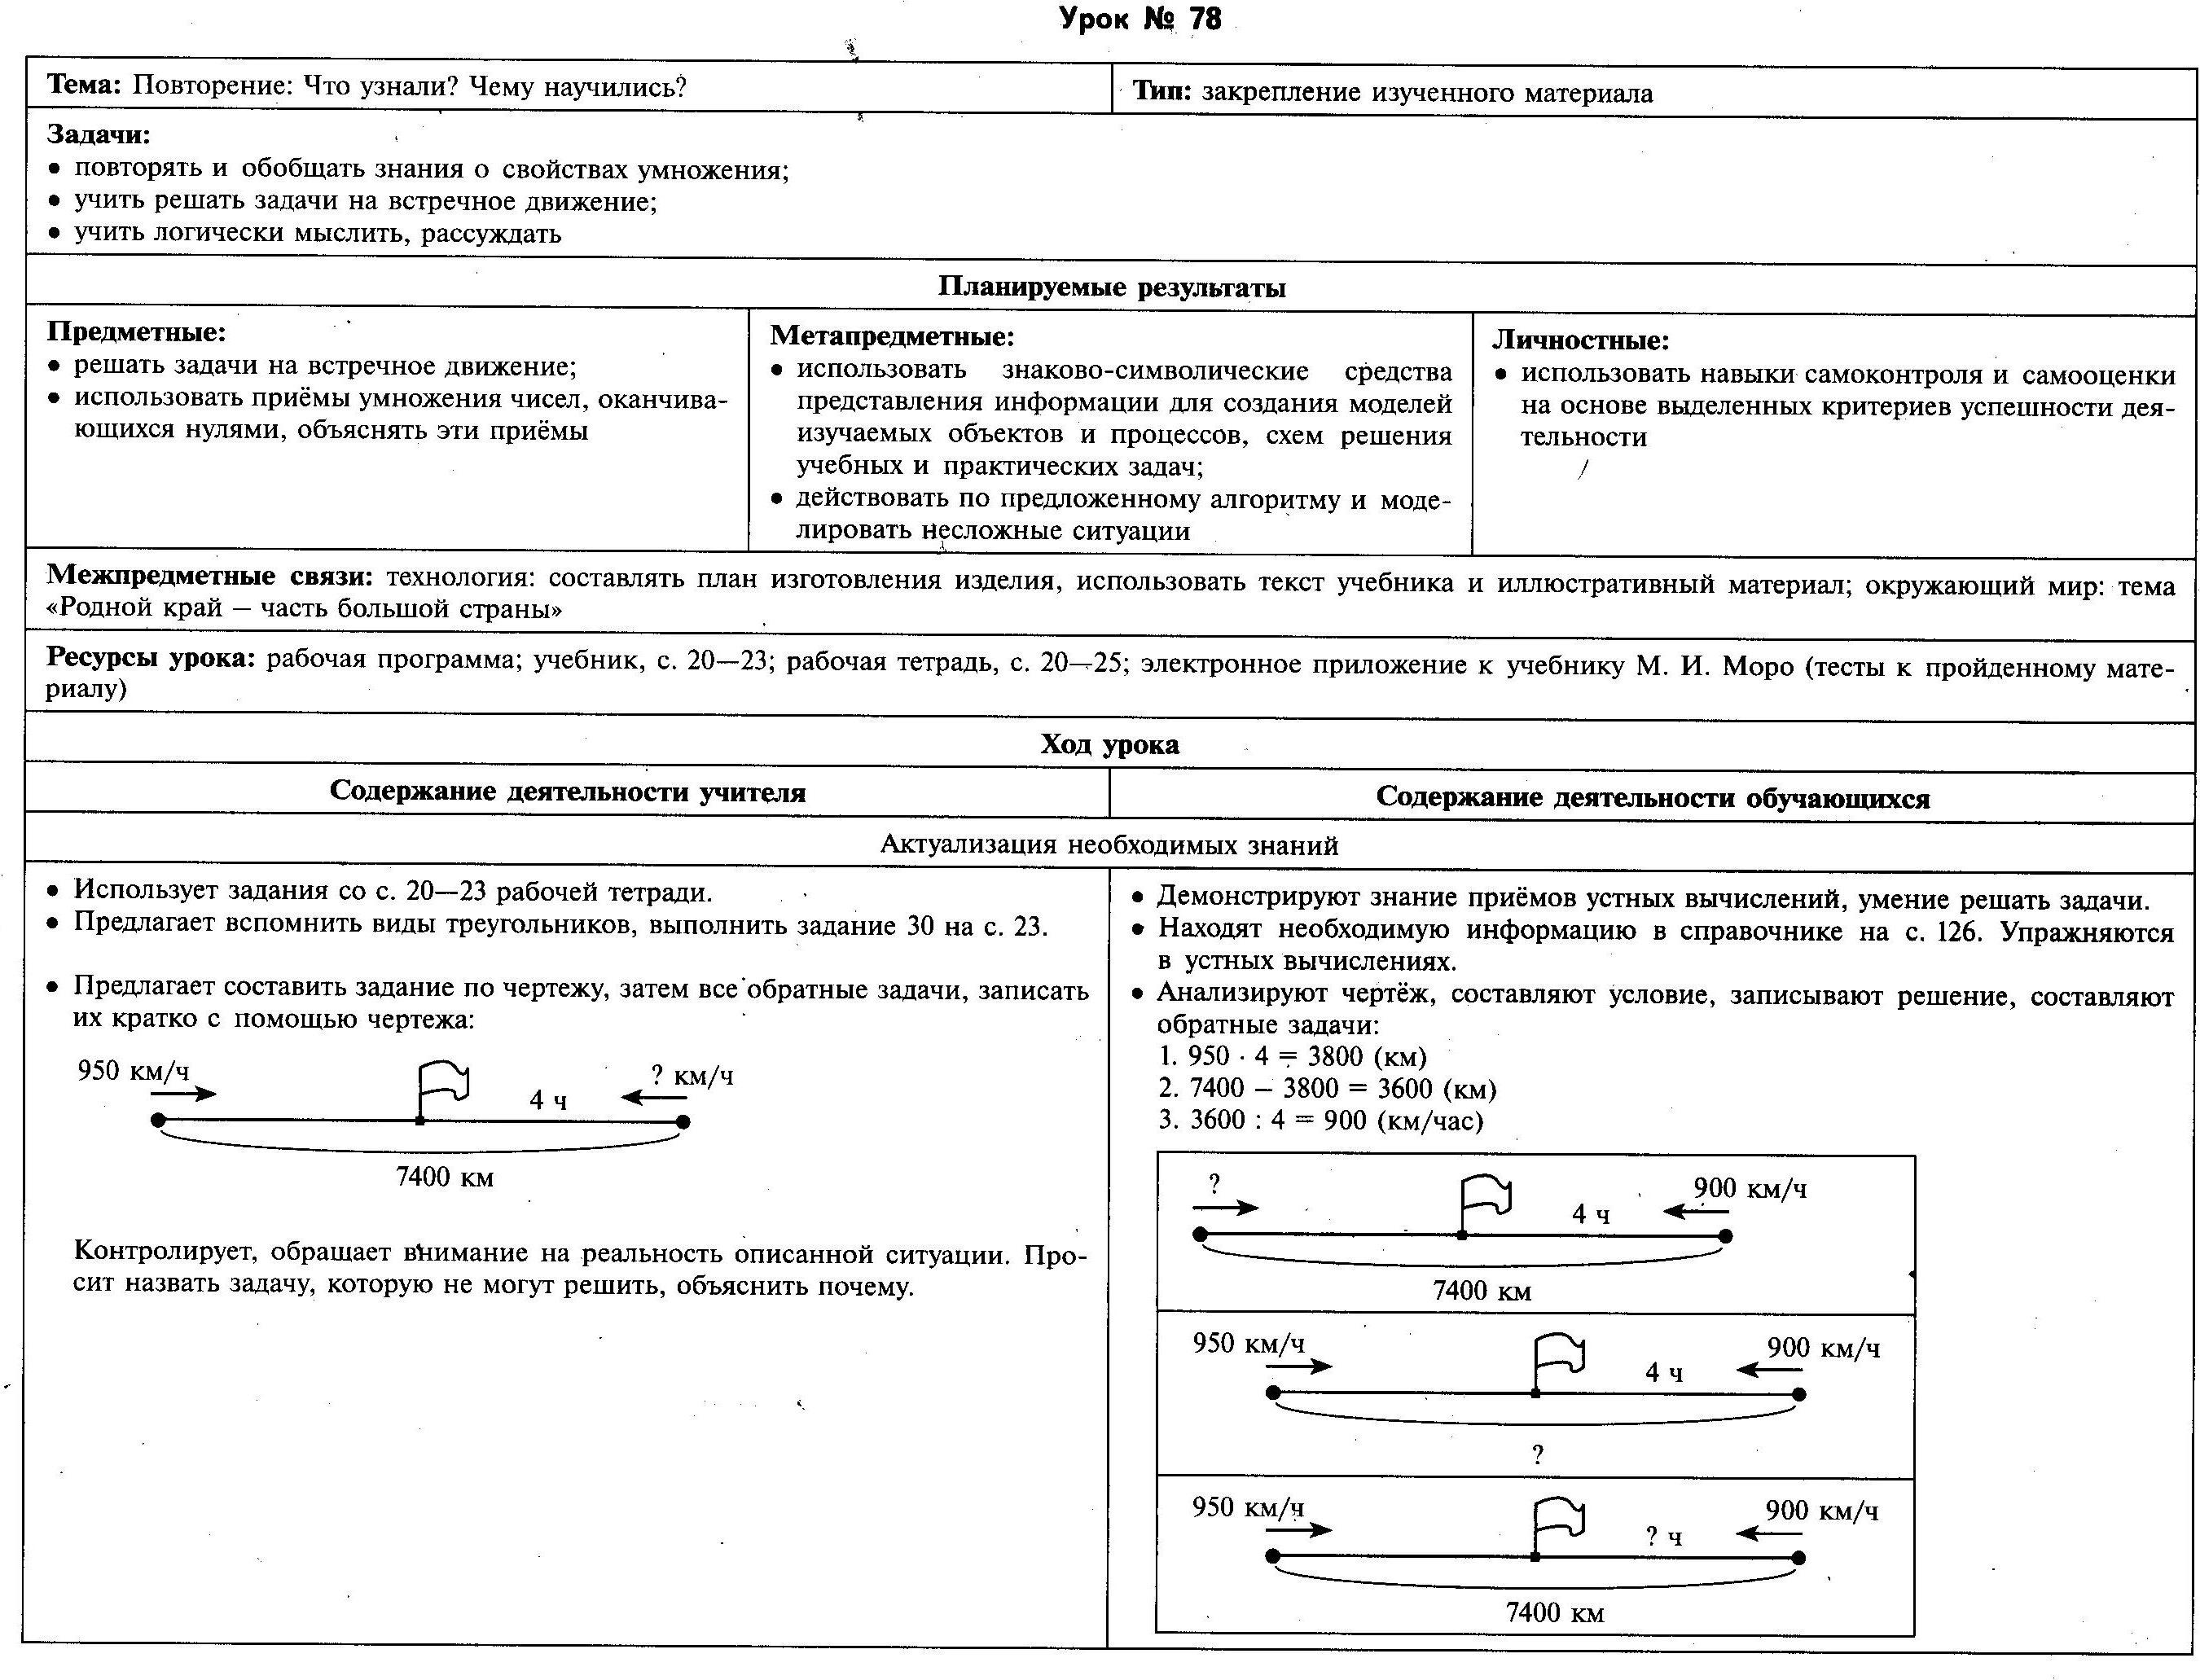 C:\Documents and Settings\Admin\Мои документы\Мои рисунки\1243.jpg